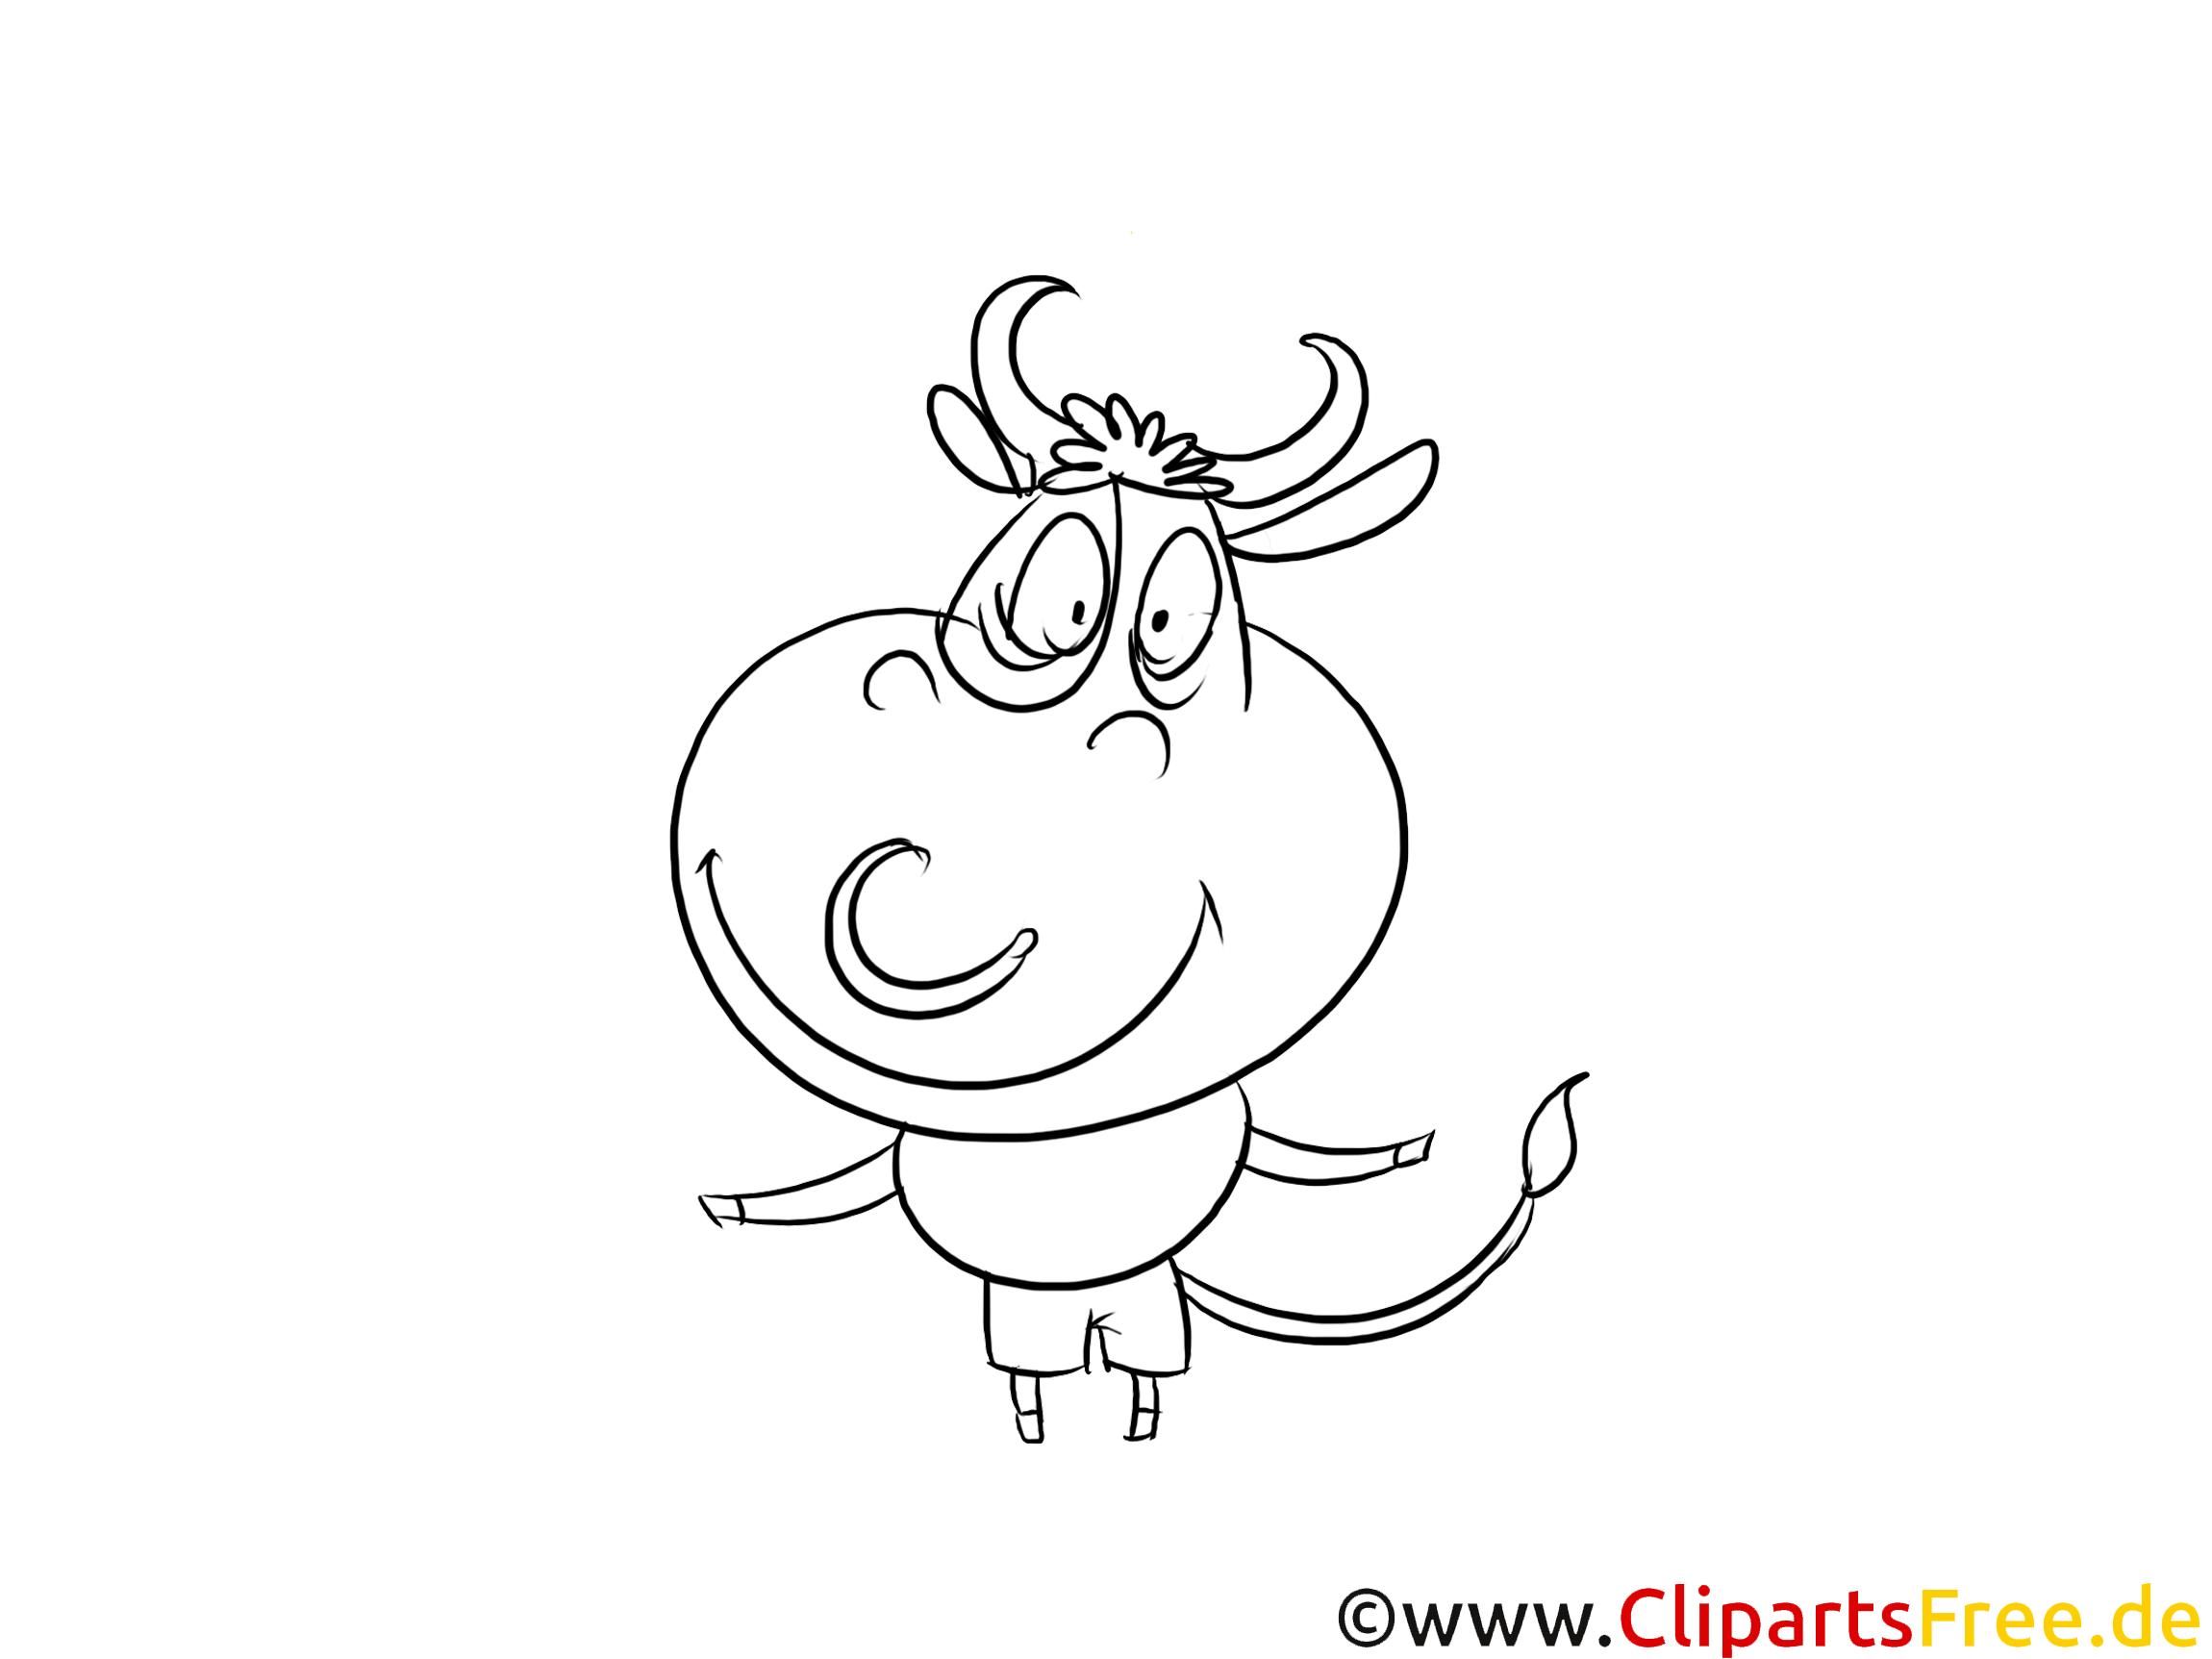 lustige kuh malvorlage